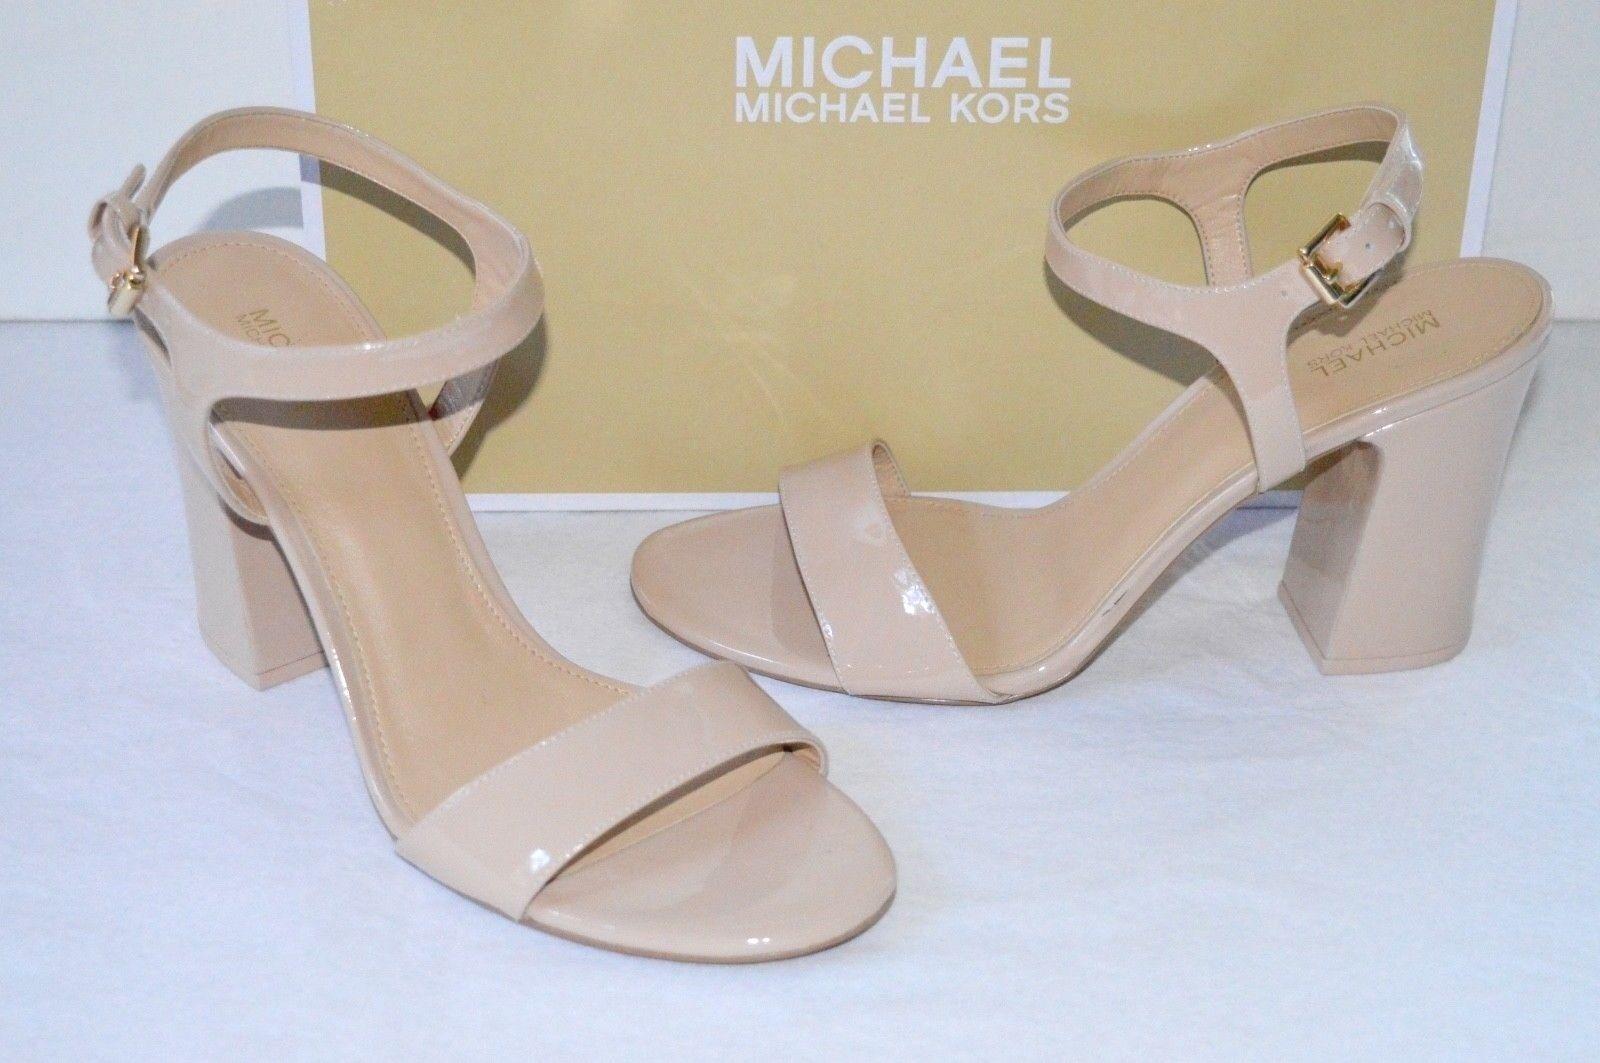 New $125 Michael Kors Tori Sandal